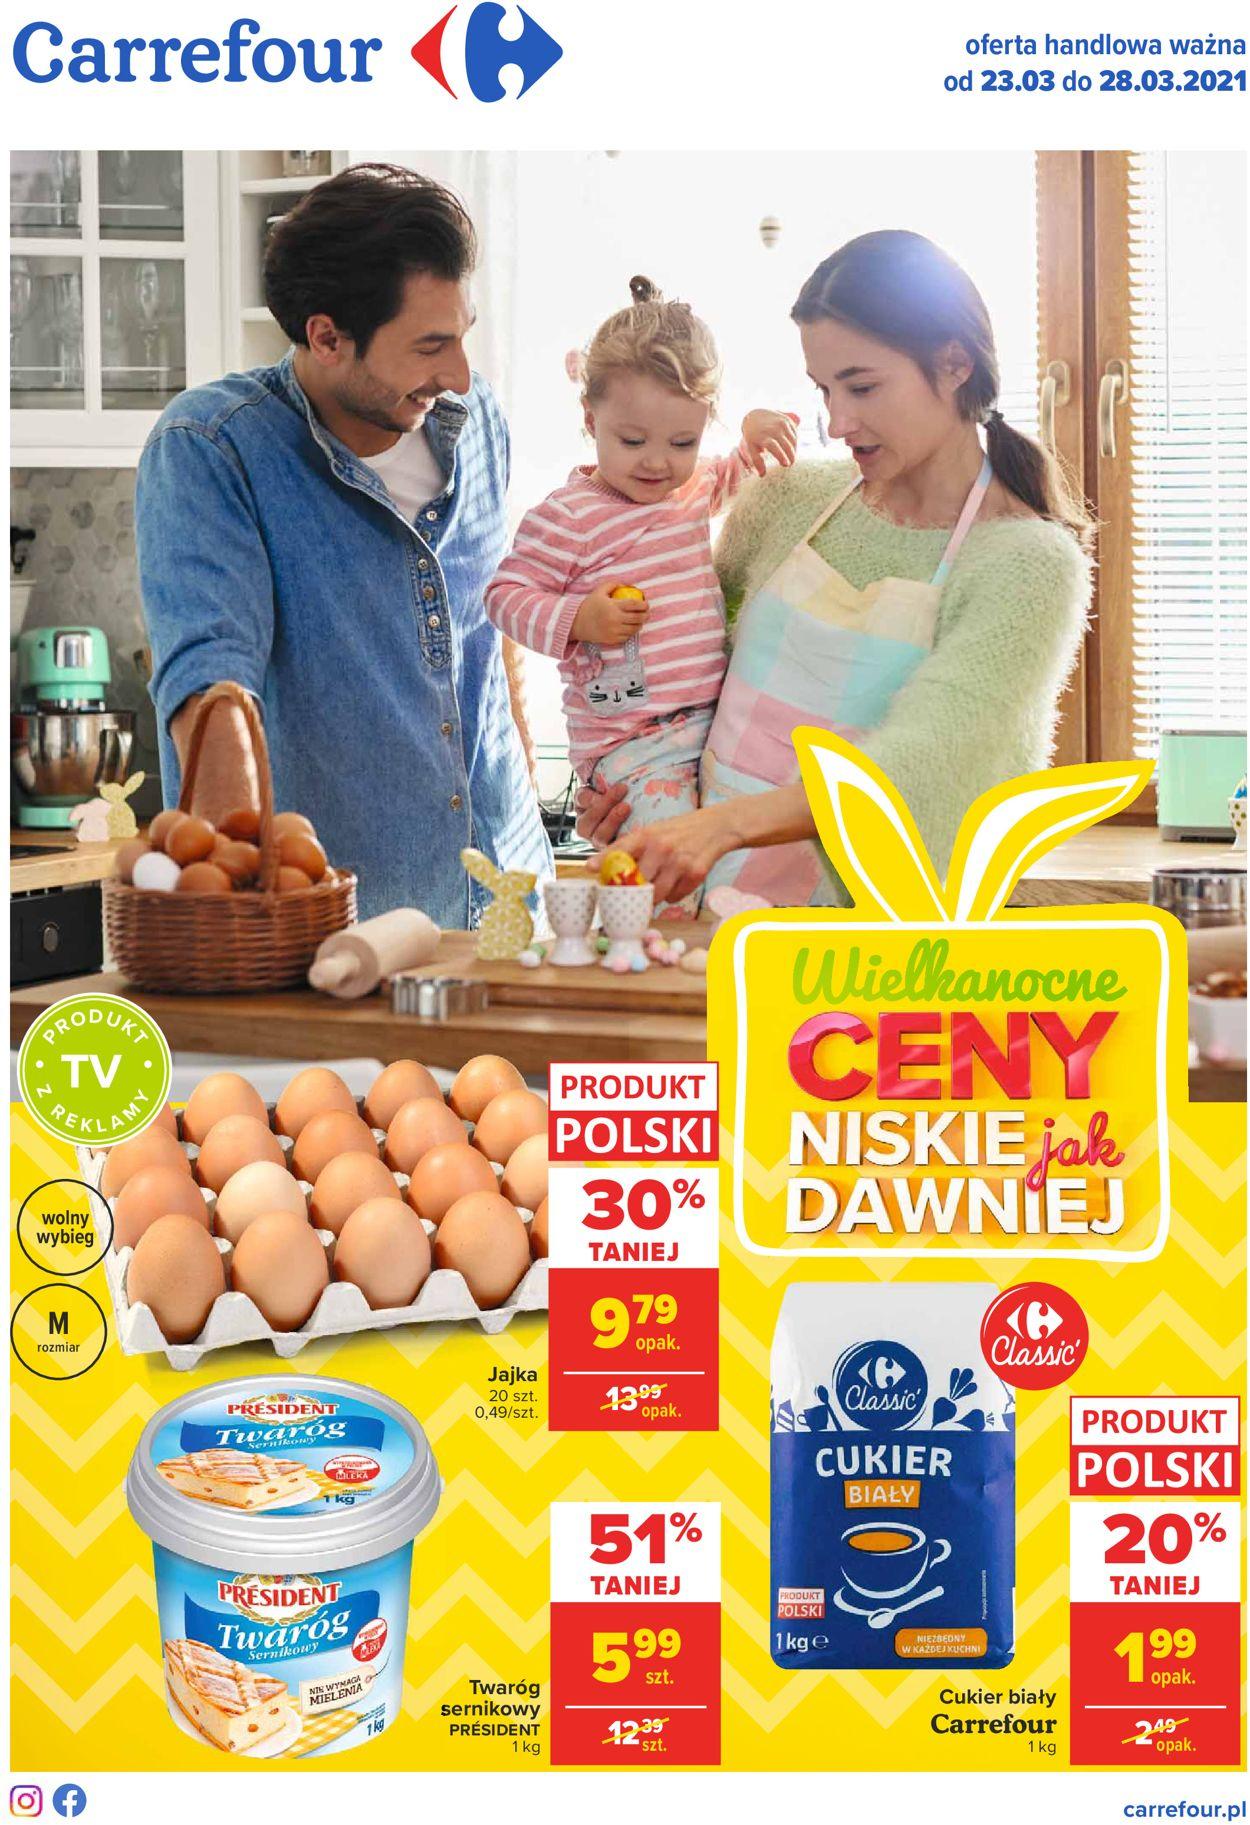 Gazetka promocyjna Carrefour Wielkanoc 2021 - 23.03-28.03.2021